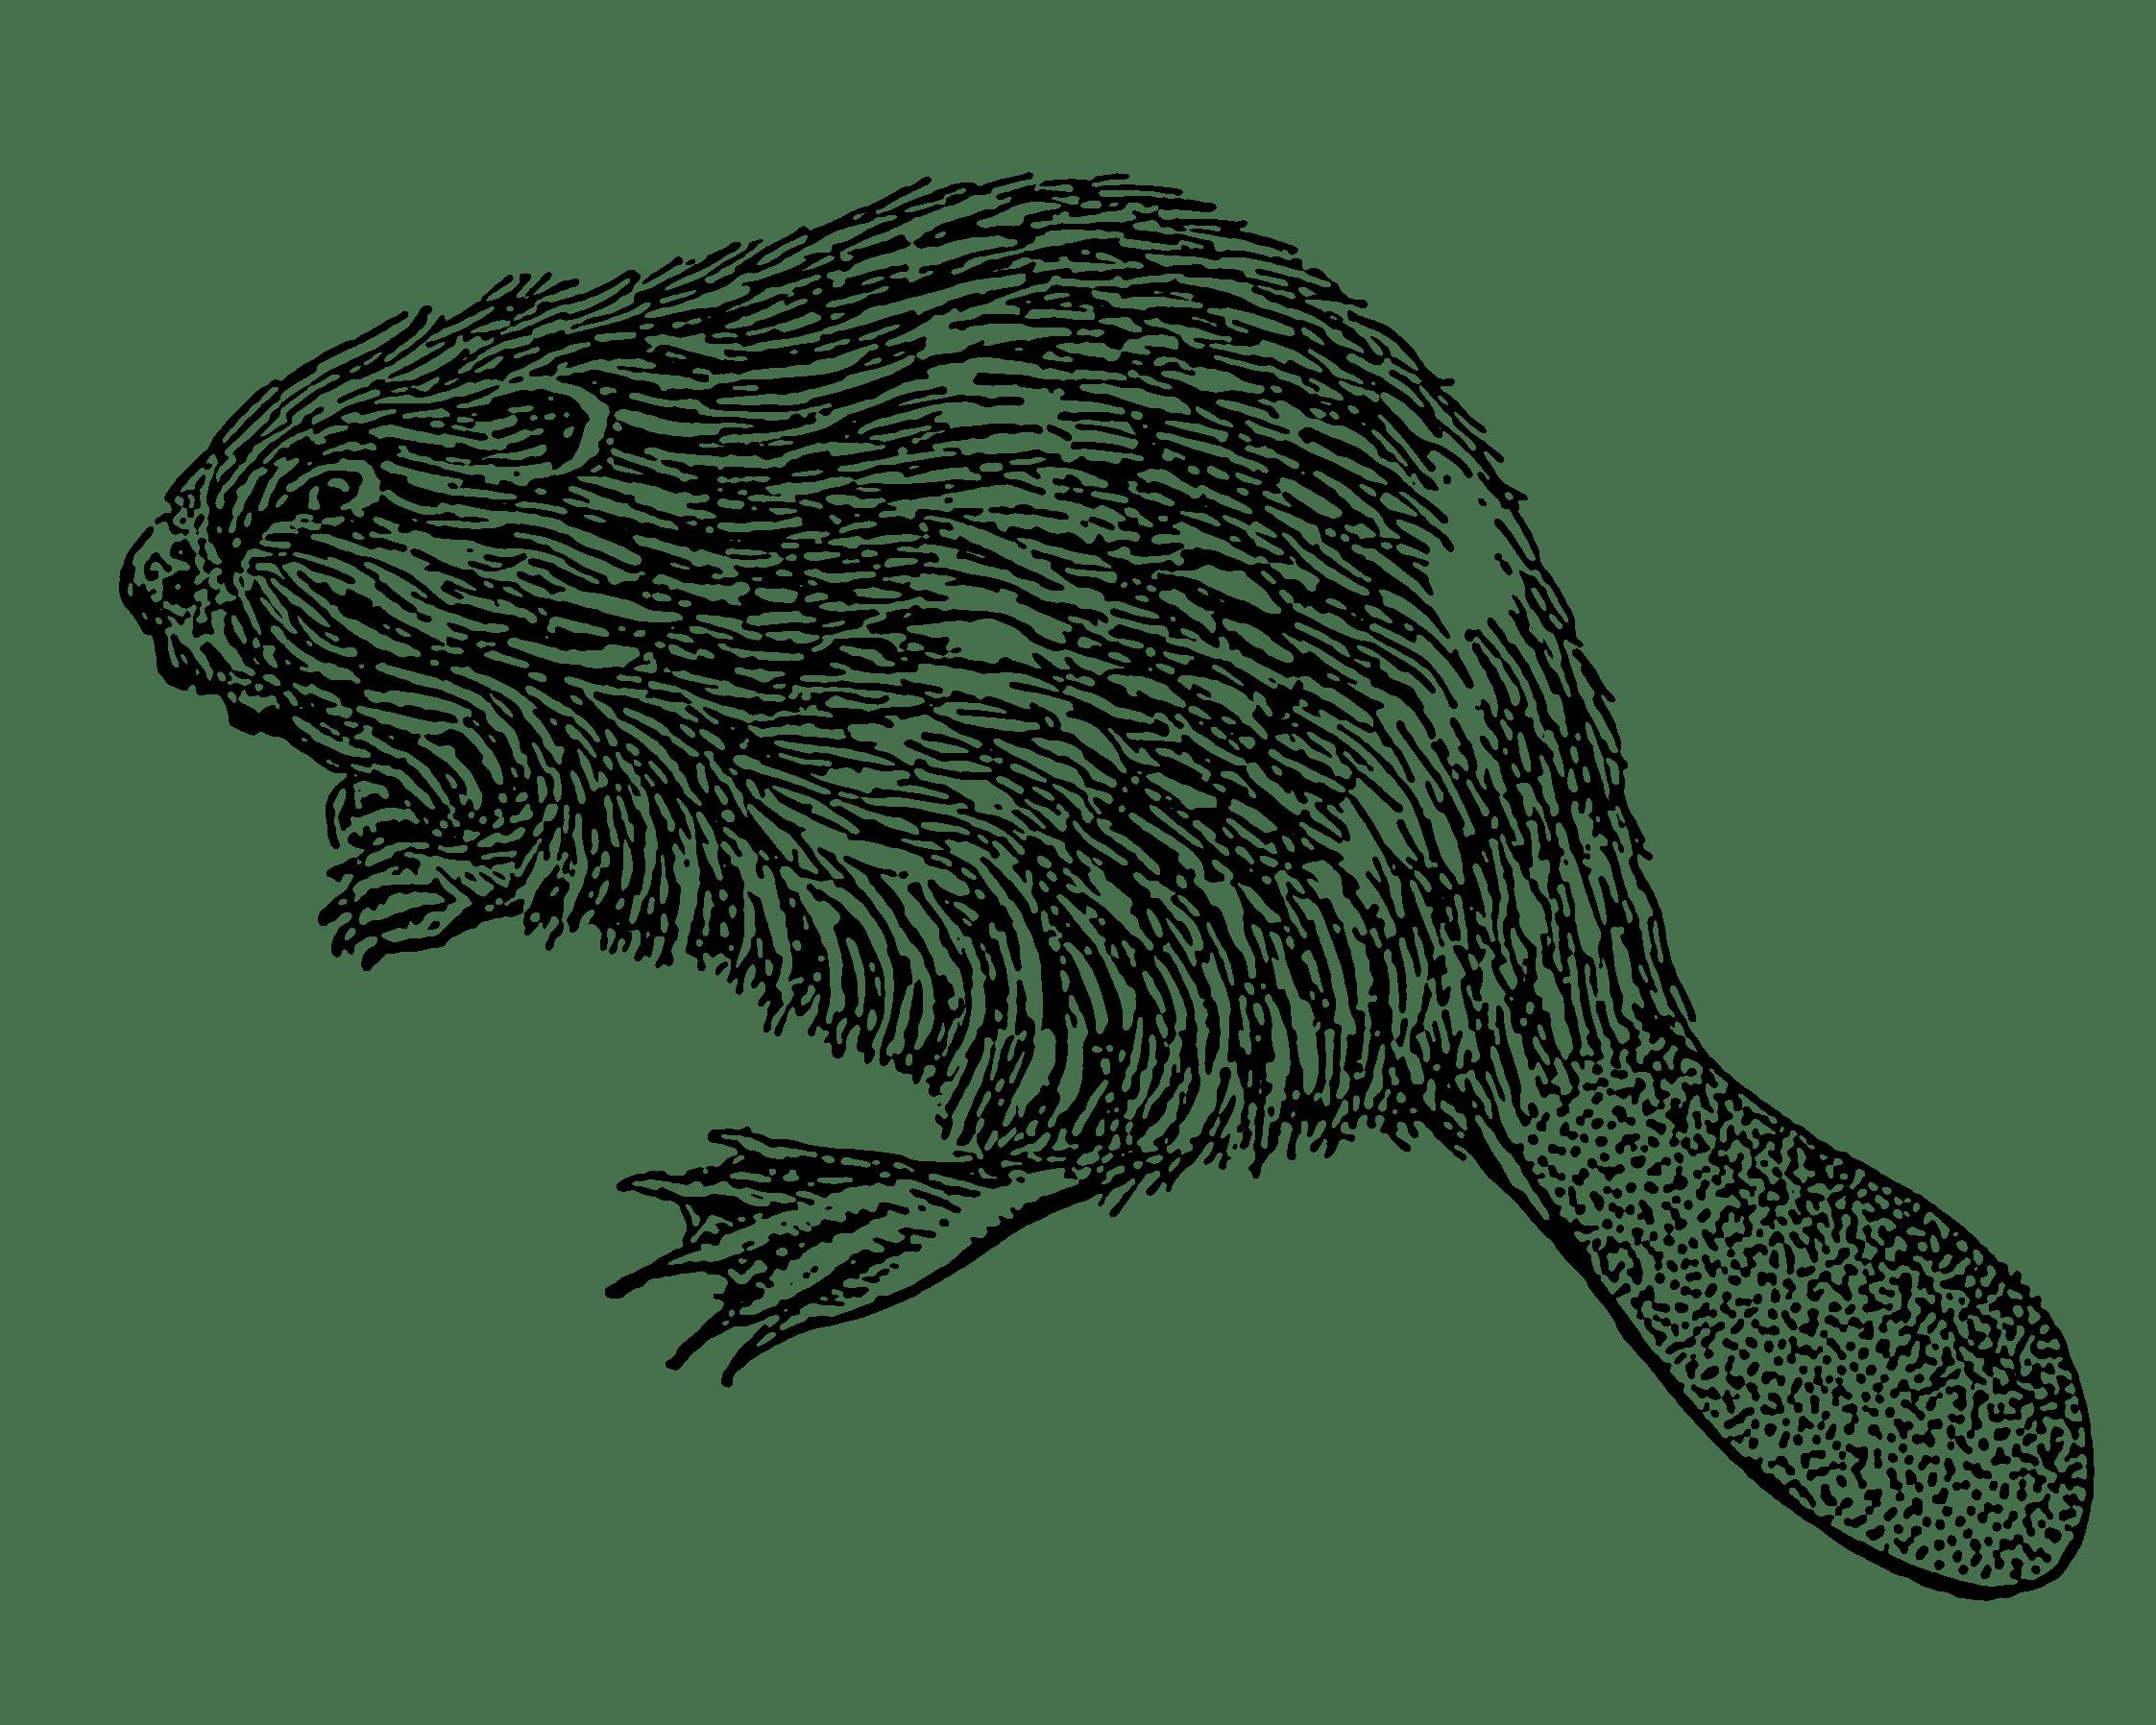 2245x1796 Beaver Illustration Transparent Png